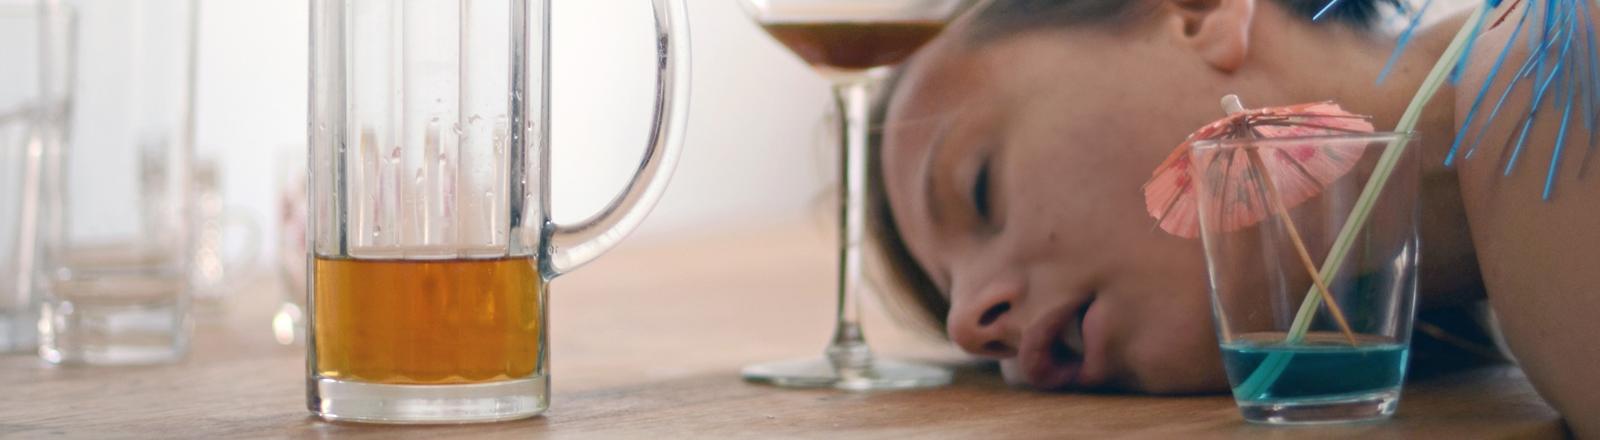 Eine Frau liegt nach einer Party betrunken auf dem Tisch und schläft.